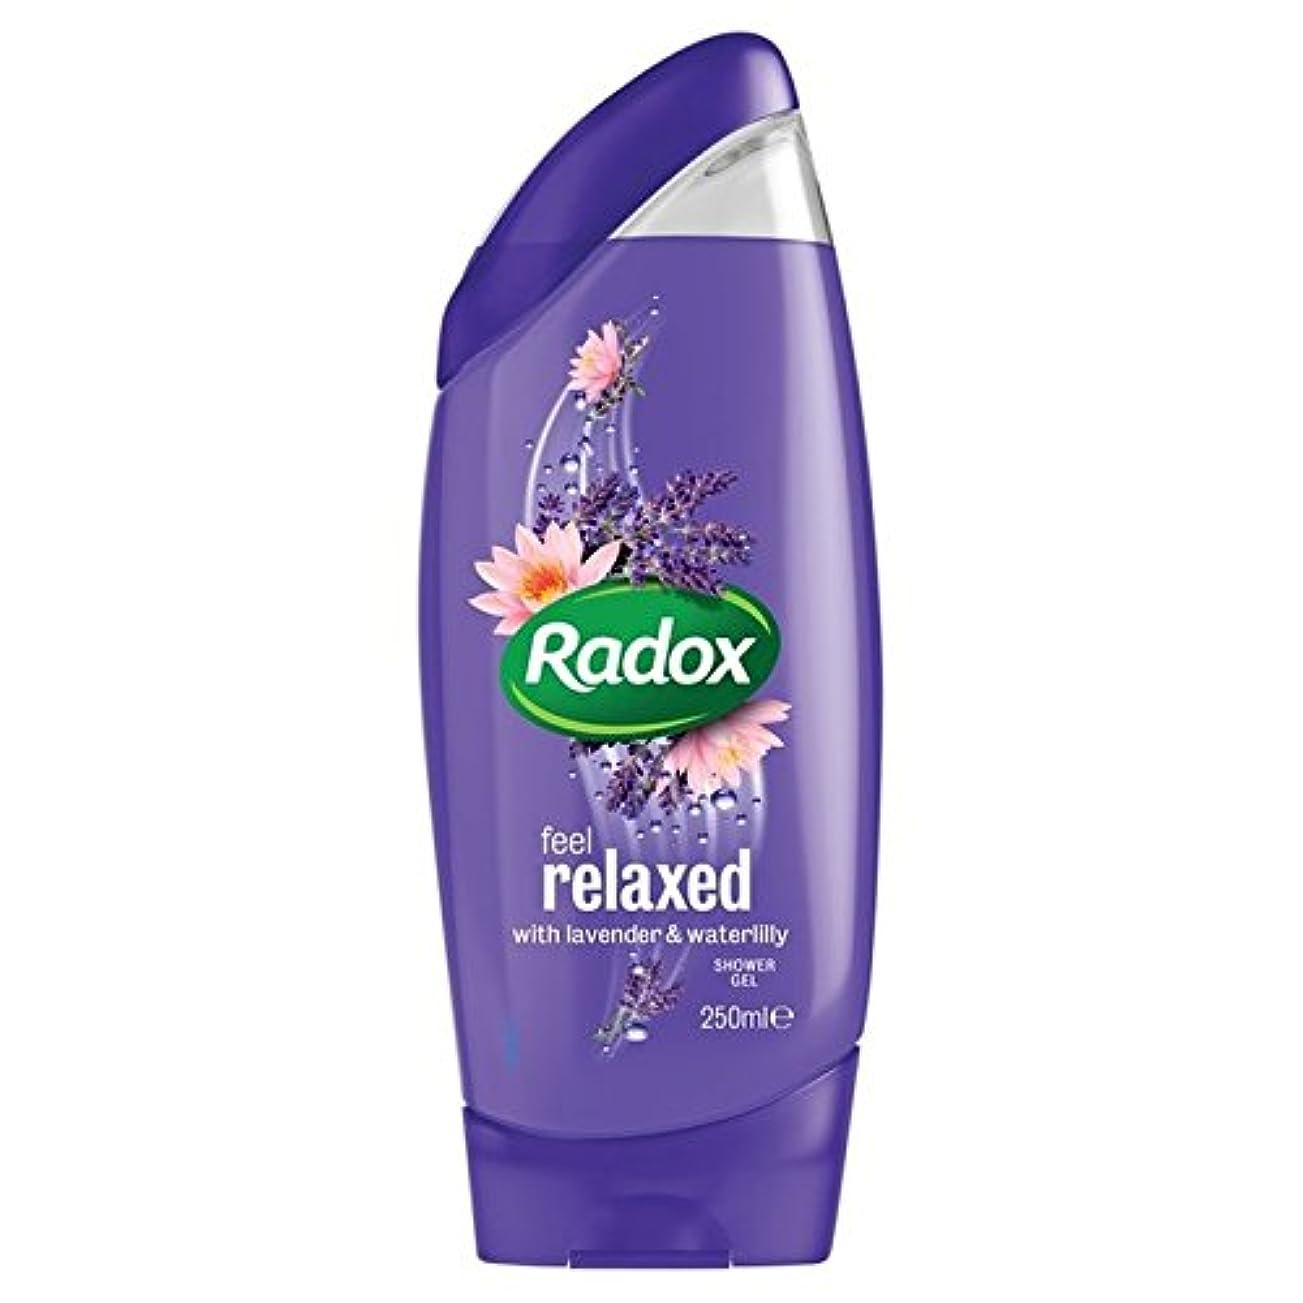 困惑した帝国主義もしRadox Feel Relaxed Shower Gel 250ml - はリラックスシャワージェル250ミリリットルを感じます [並行輸入品]